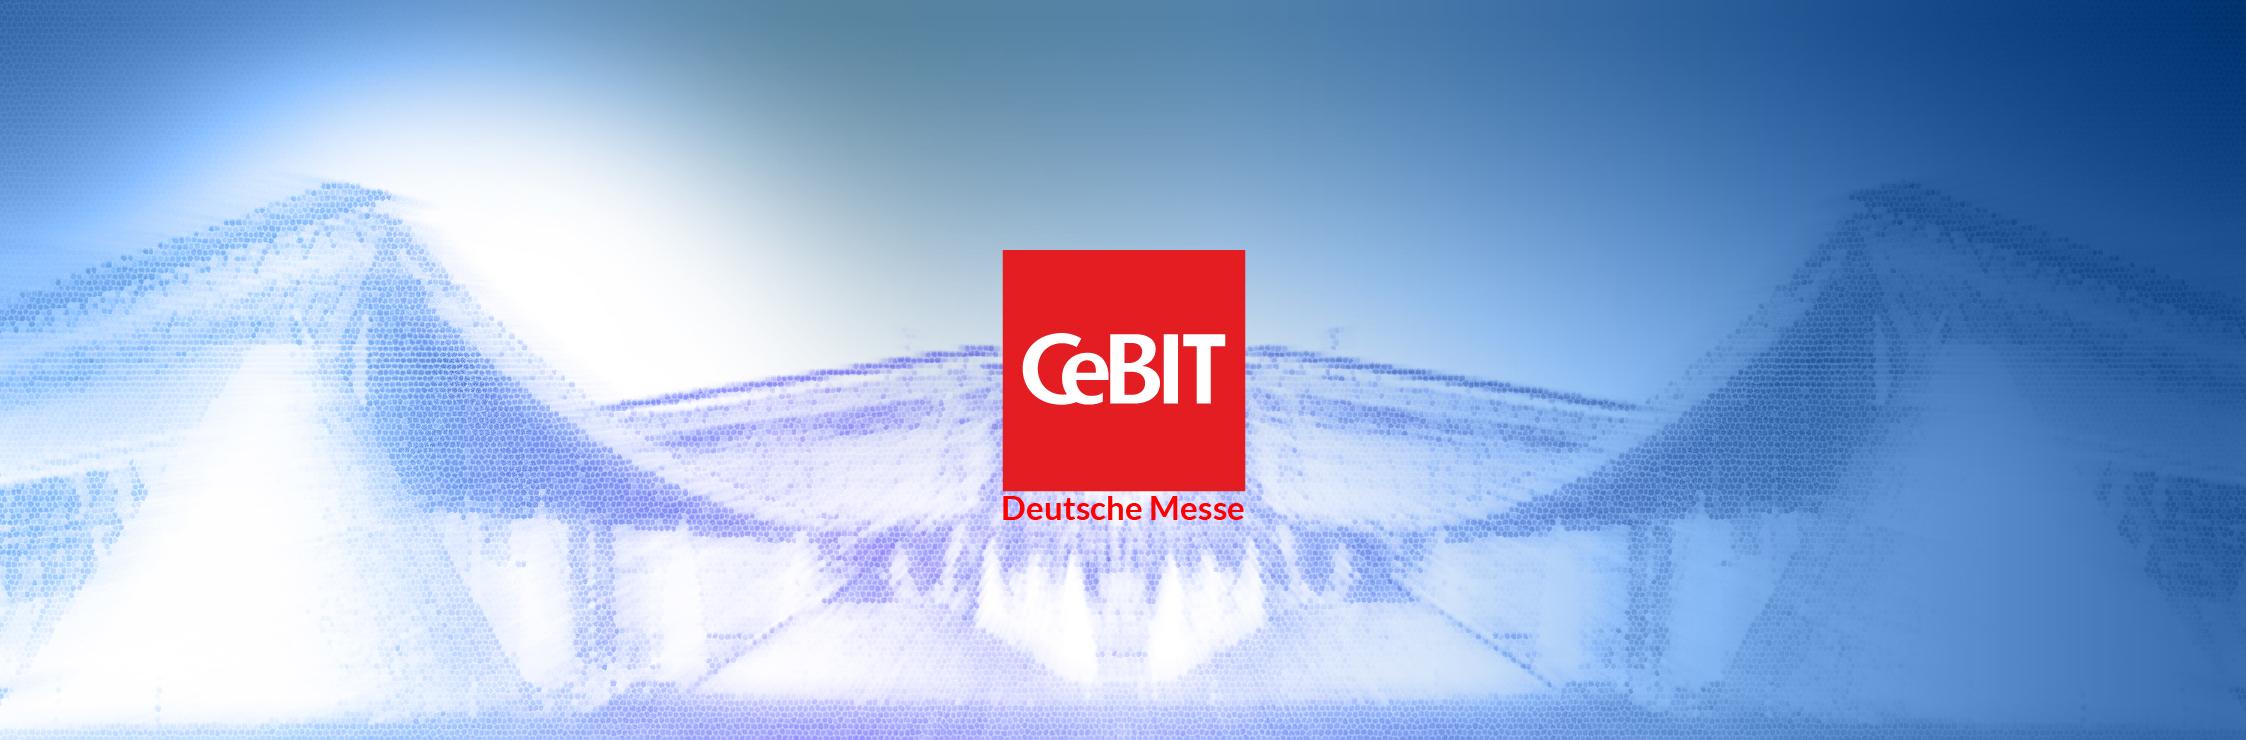 DEEP-ER at CeBIT